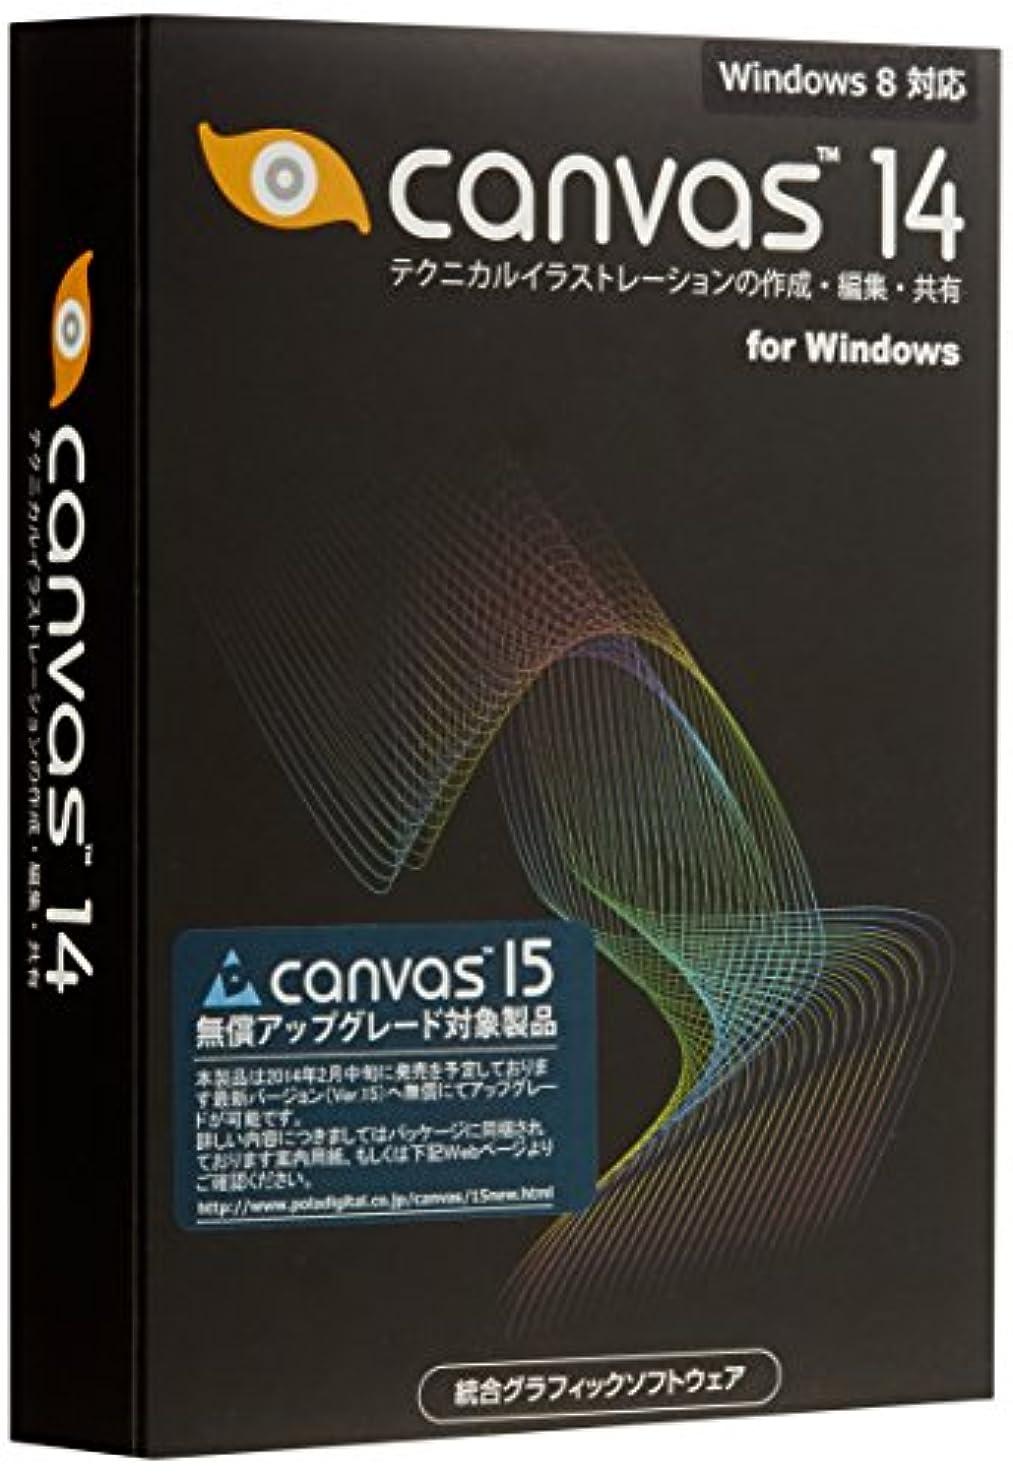 規則性騒虐殺日本ポラデジタル Canvas14J Windows